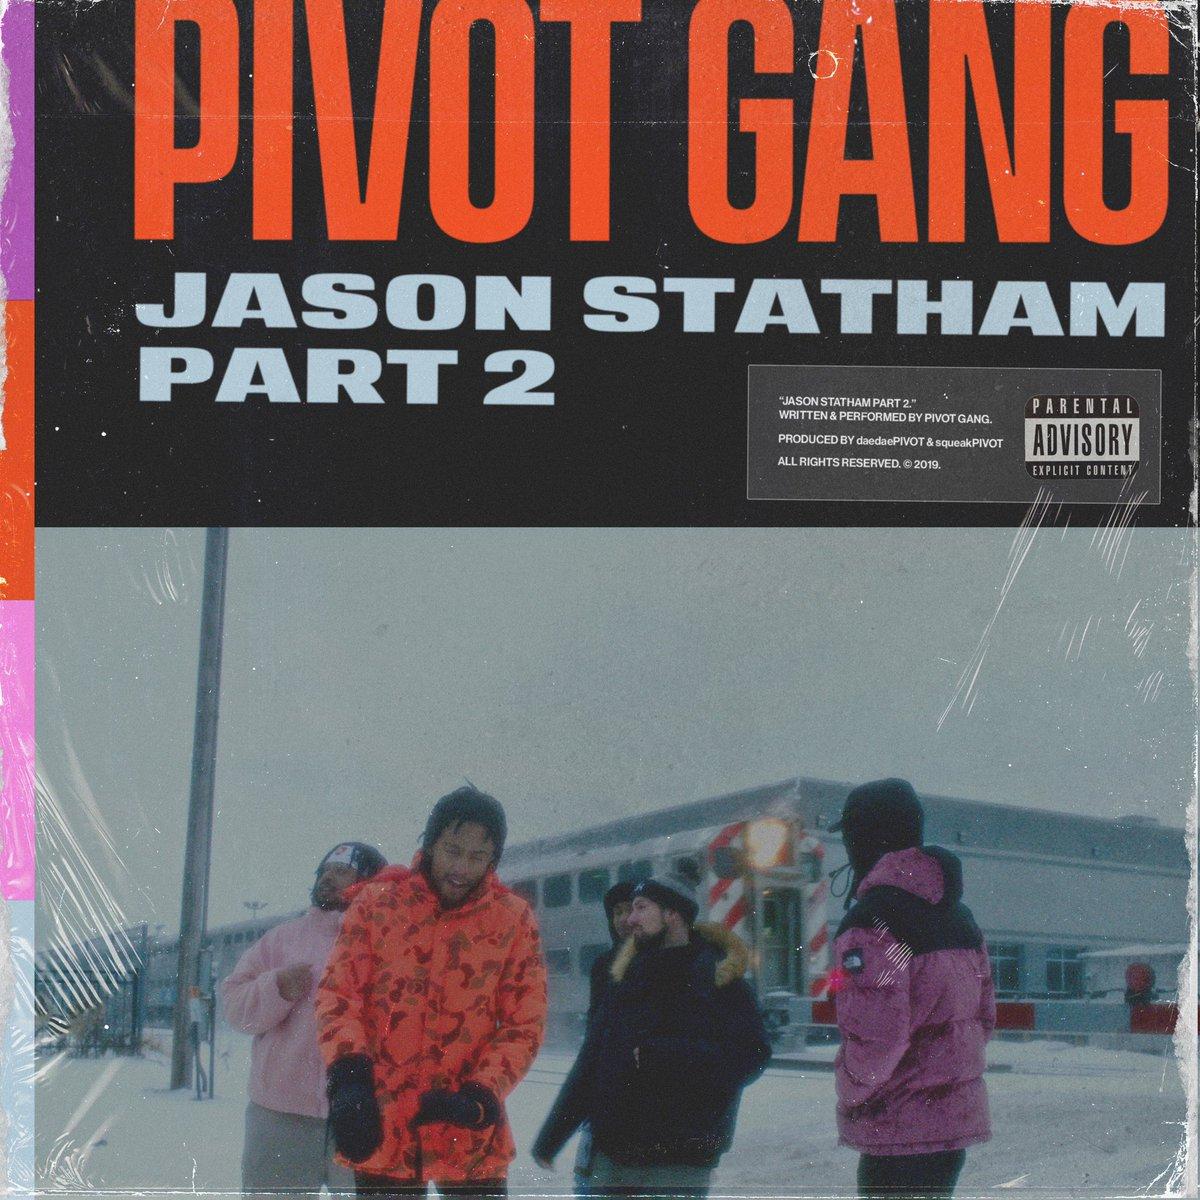 new gang @ midnight @PIVOTGANG